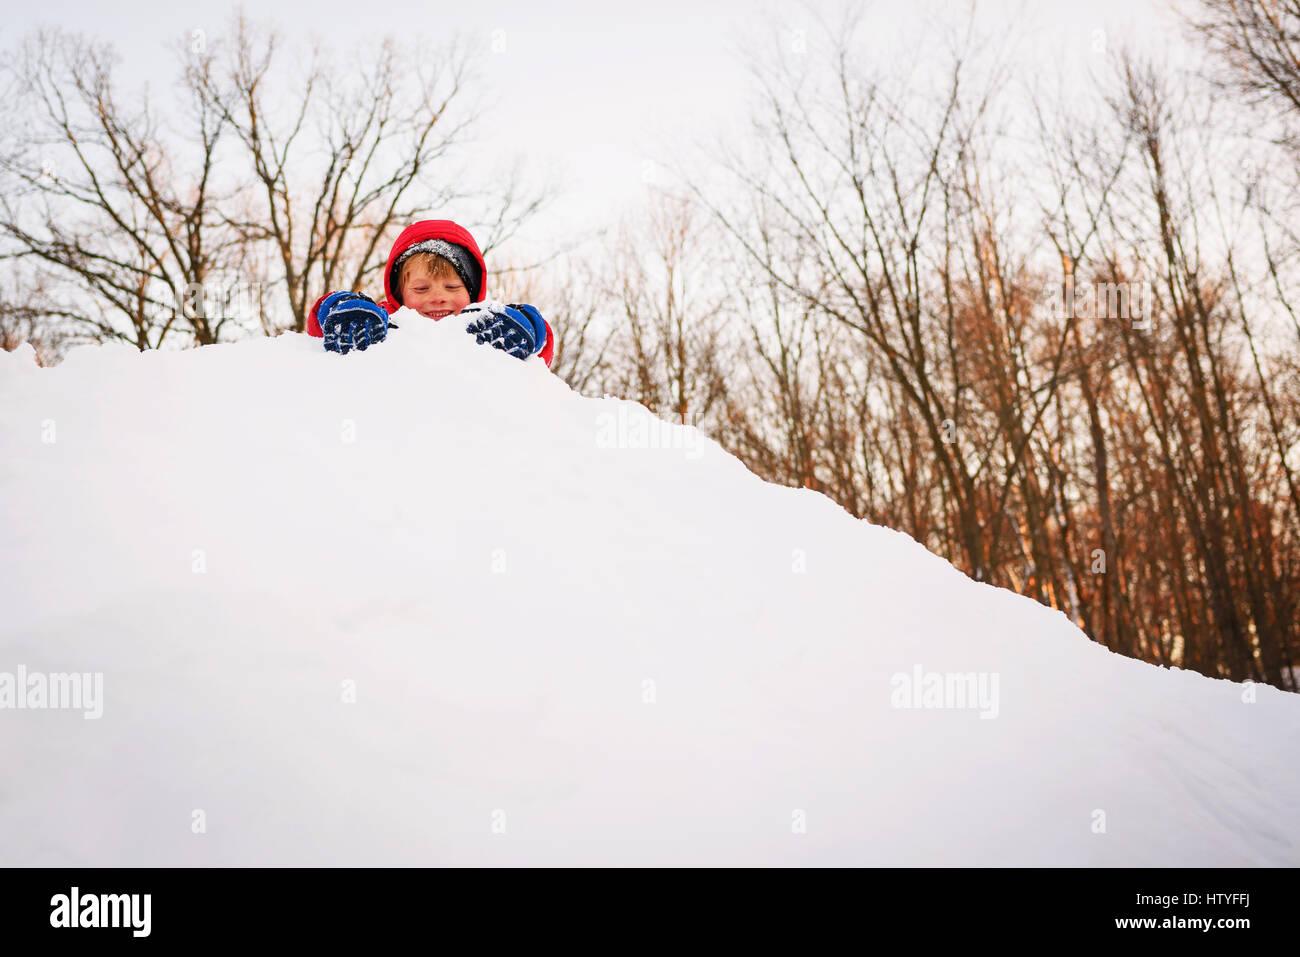 Niño jugando en la cima de un montón de nieve Foto de stock